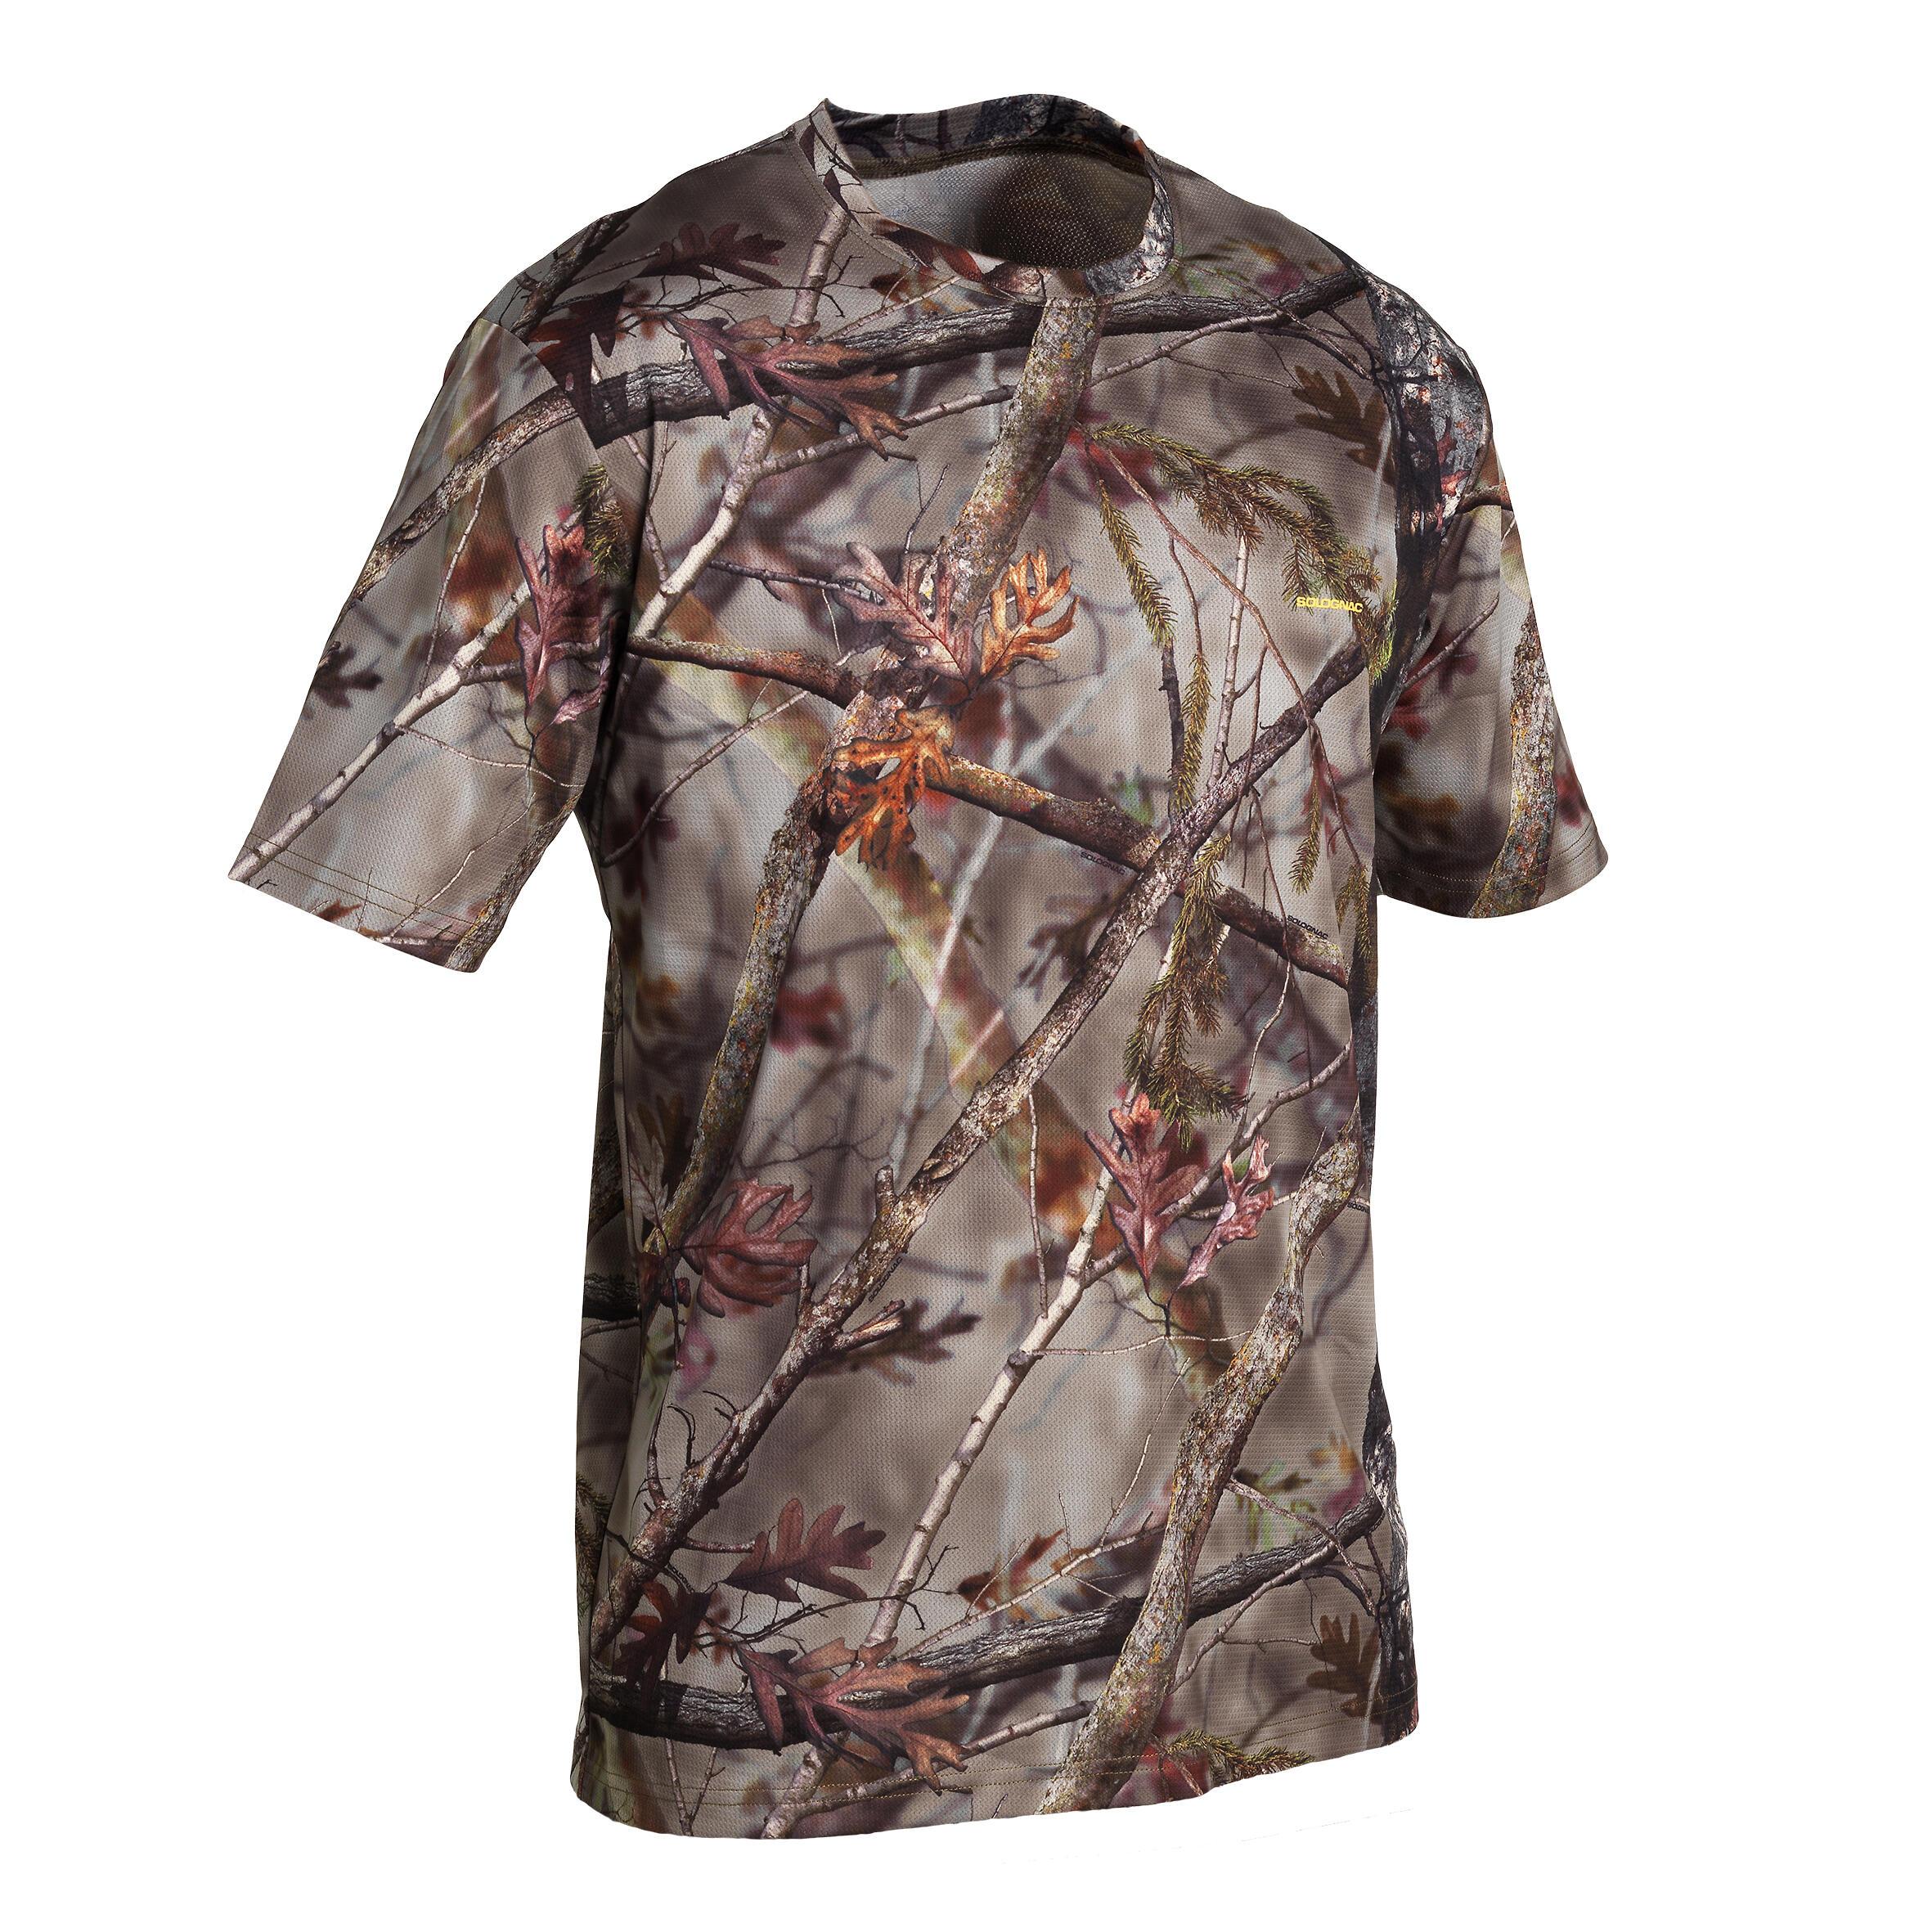 Comprar Camisetas y Camisas de Caza online  407946a23ea